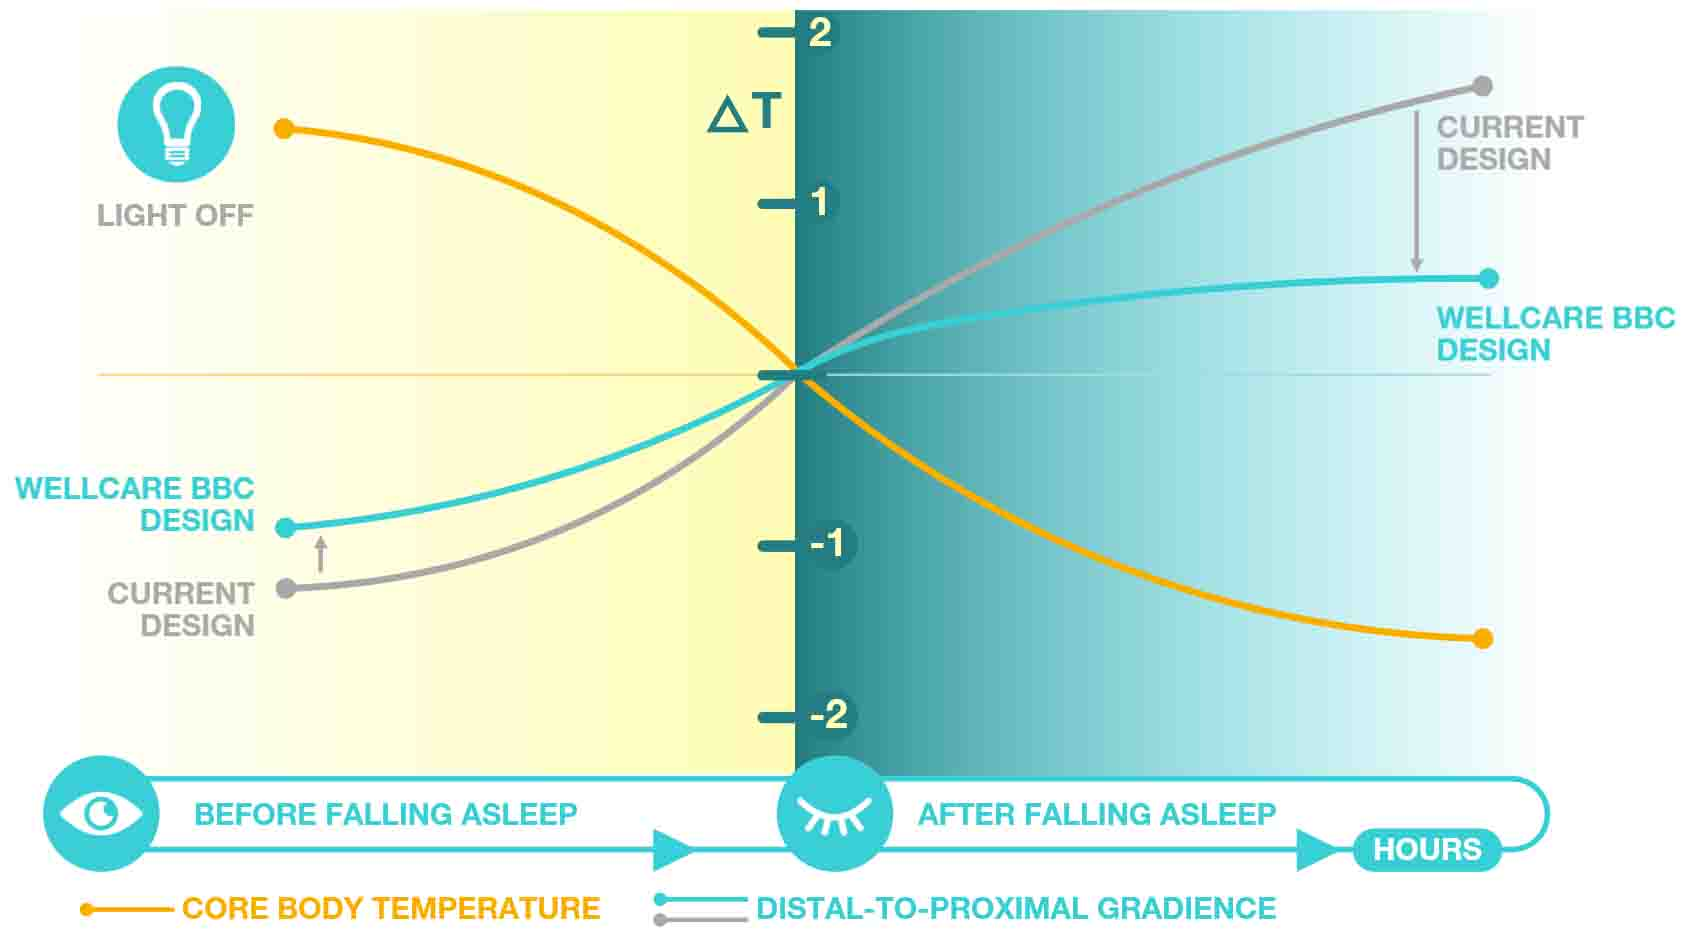 BBC Design-core body temperature